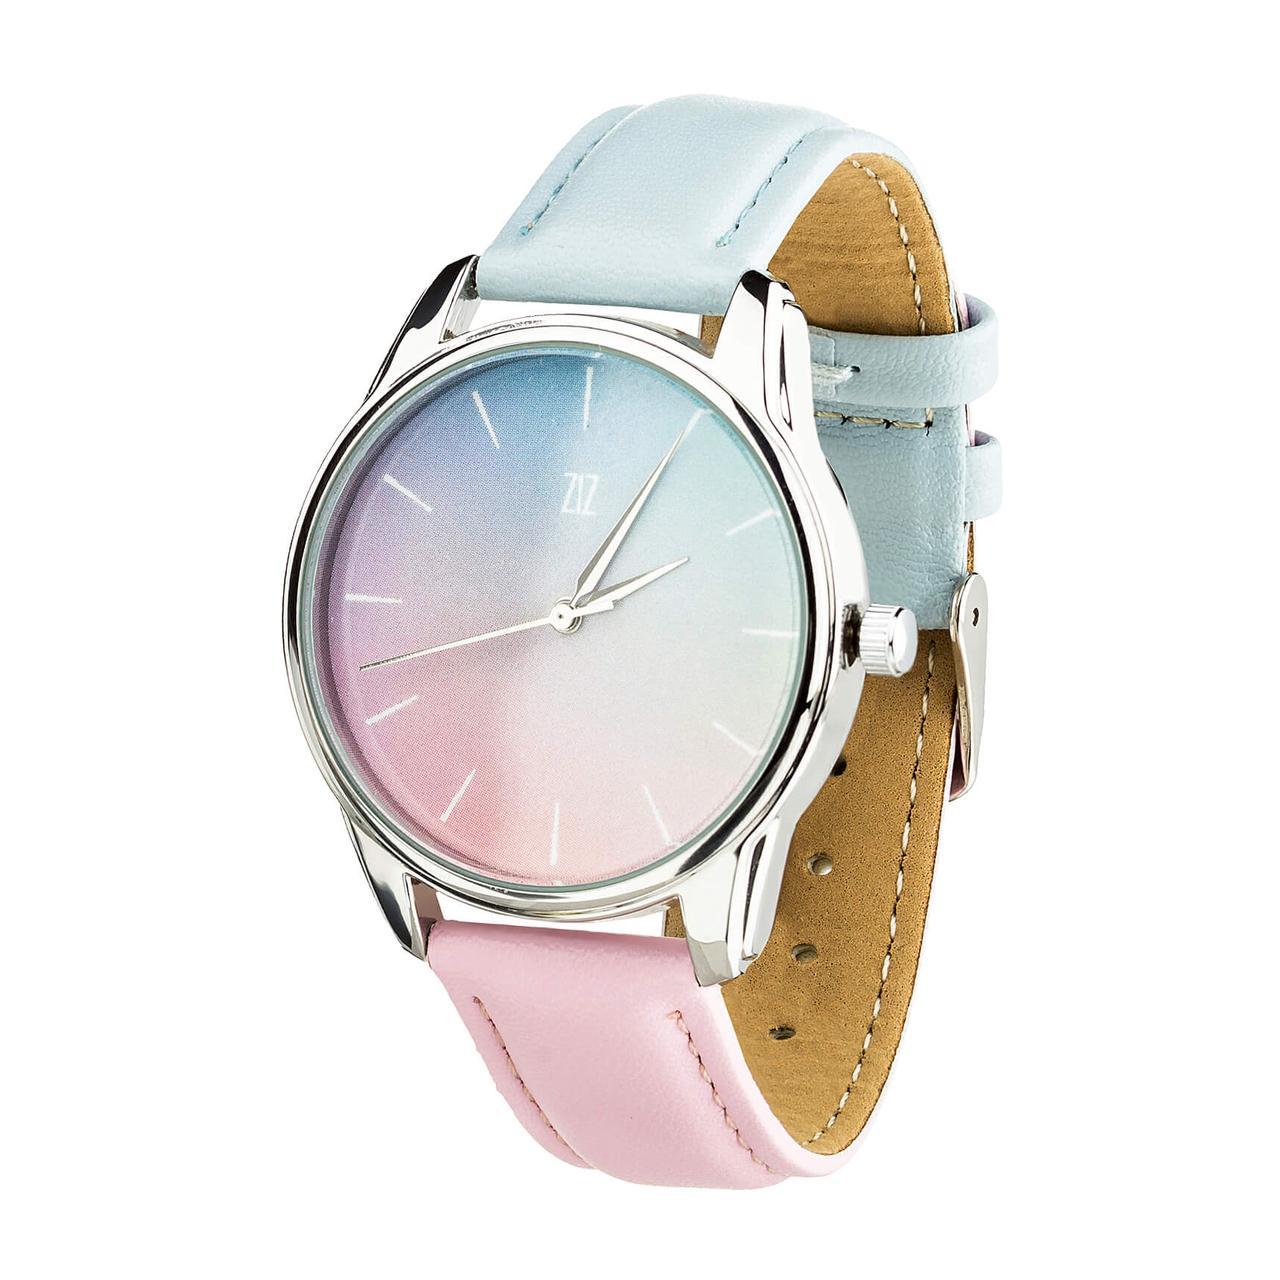 """Часы """"Розовый кварц и Безмятежность"""" (ремешок голубо-розовый, серебро) + дополнительный ремешок"""